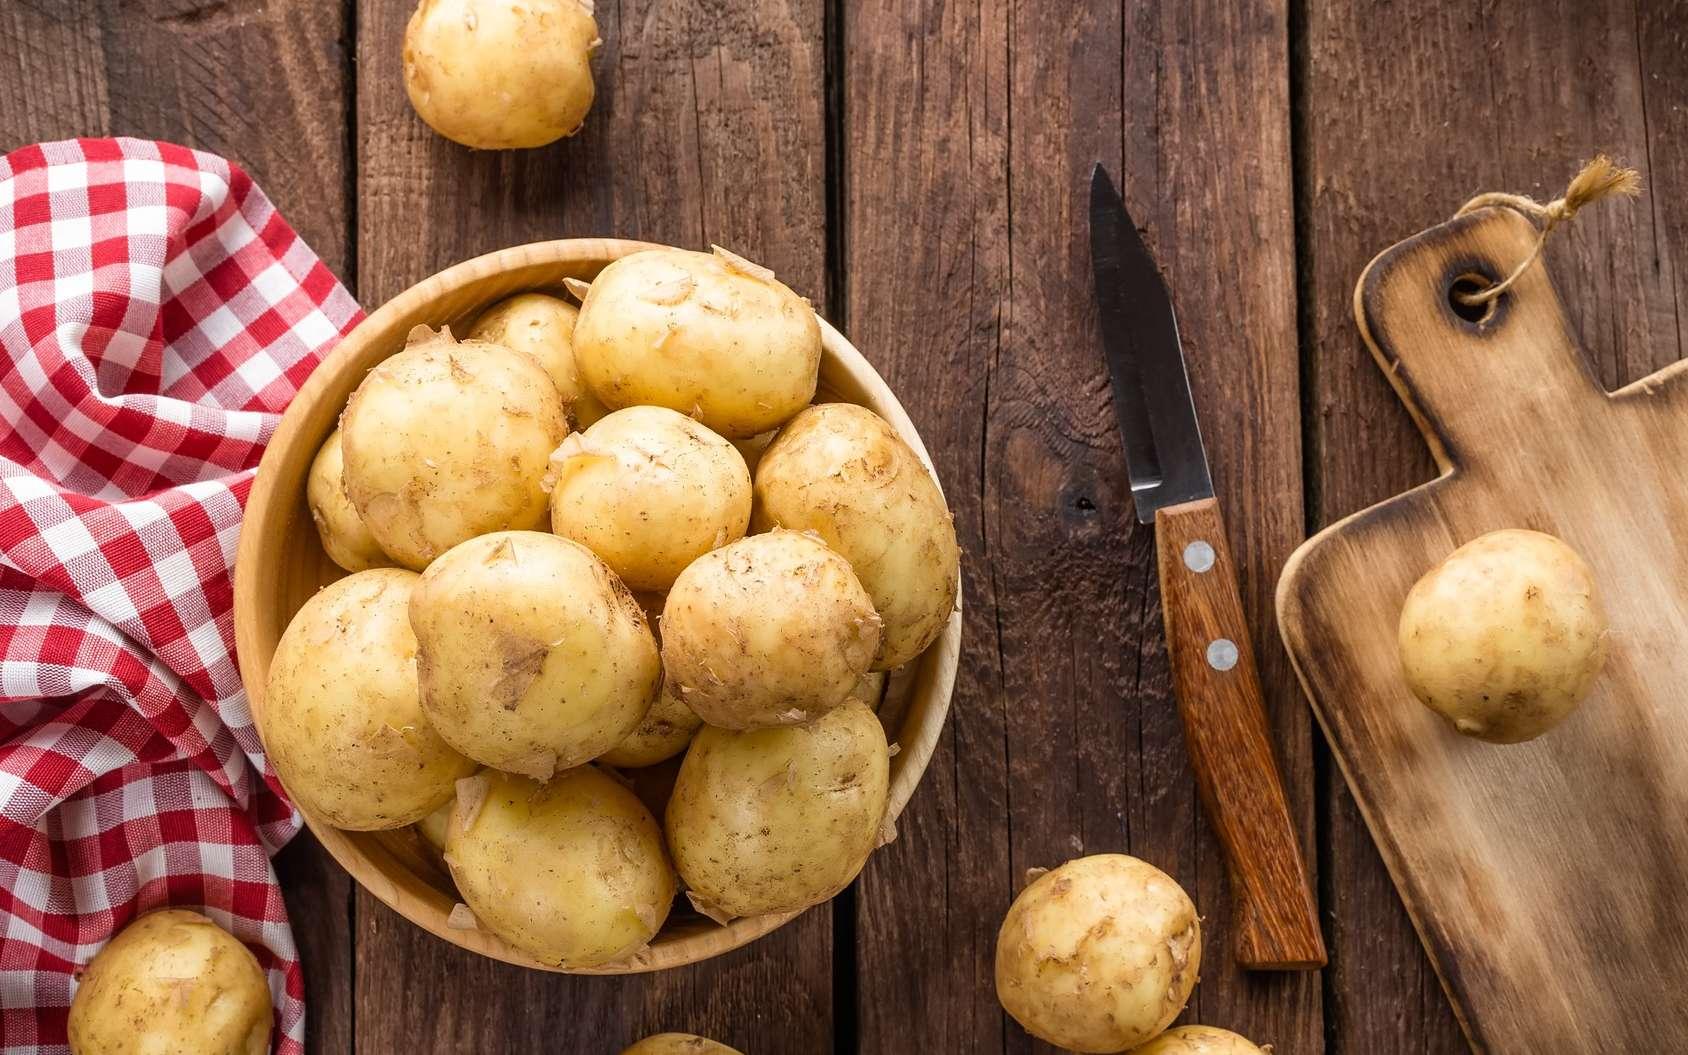 La pomme de terre est un féculent ; ses tubercules servent à fabriquer de la fécule de pomme de terre, riche en amidon. © Sea Wave, Fotolia